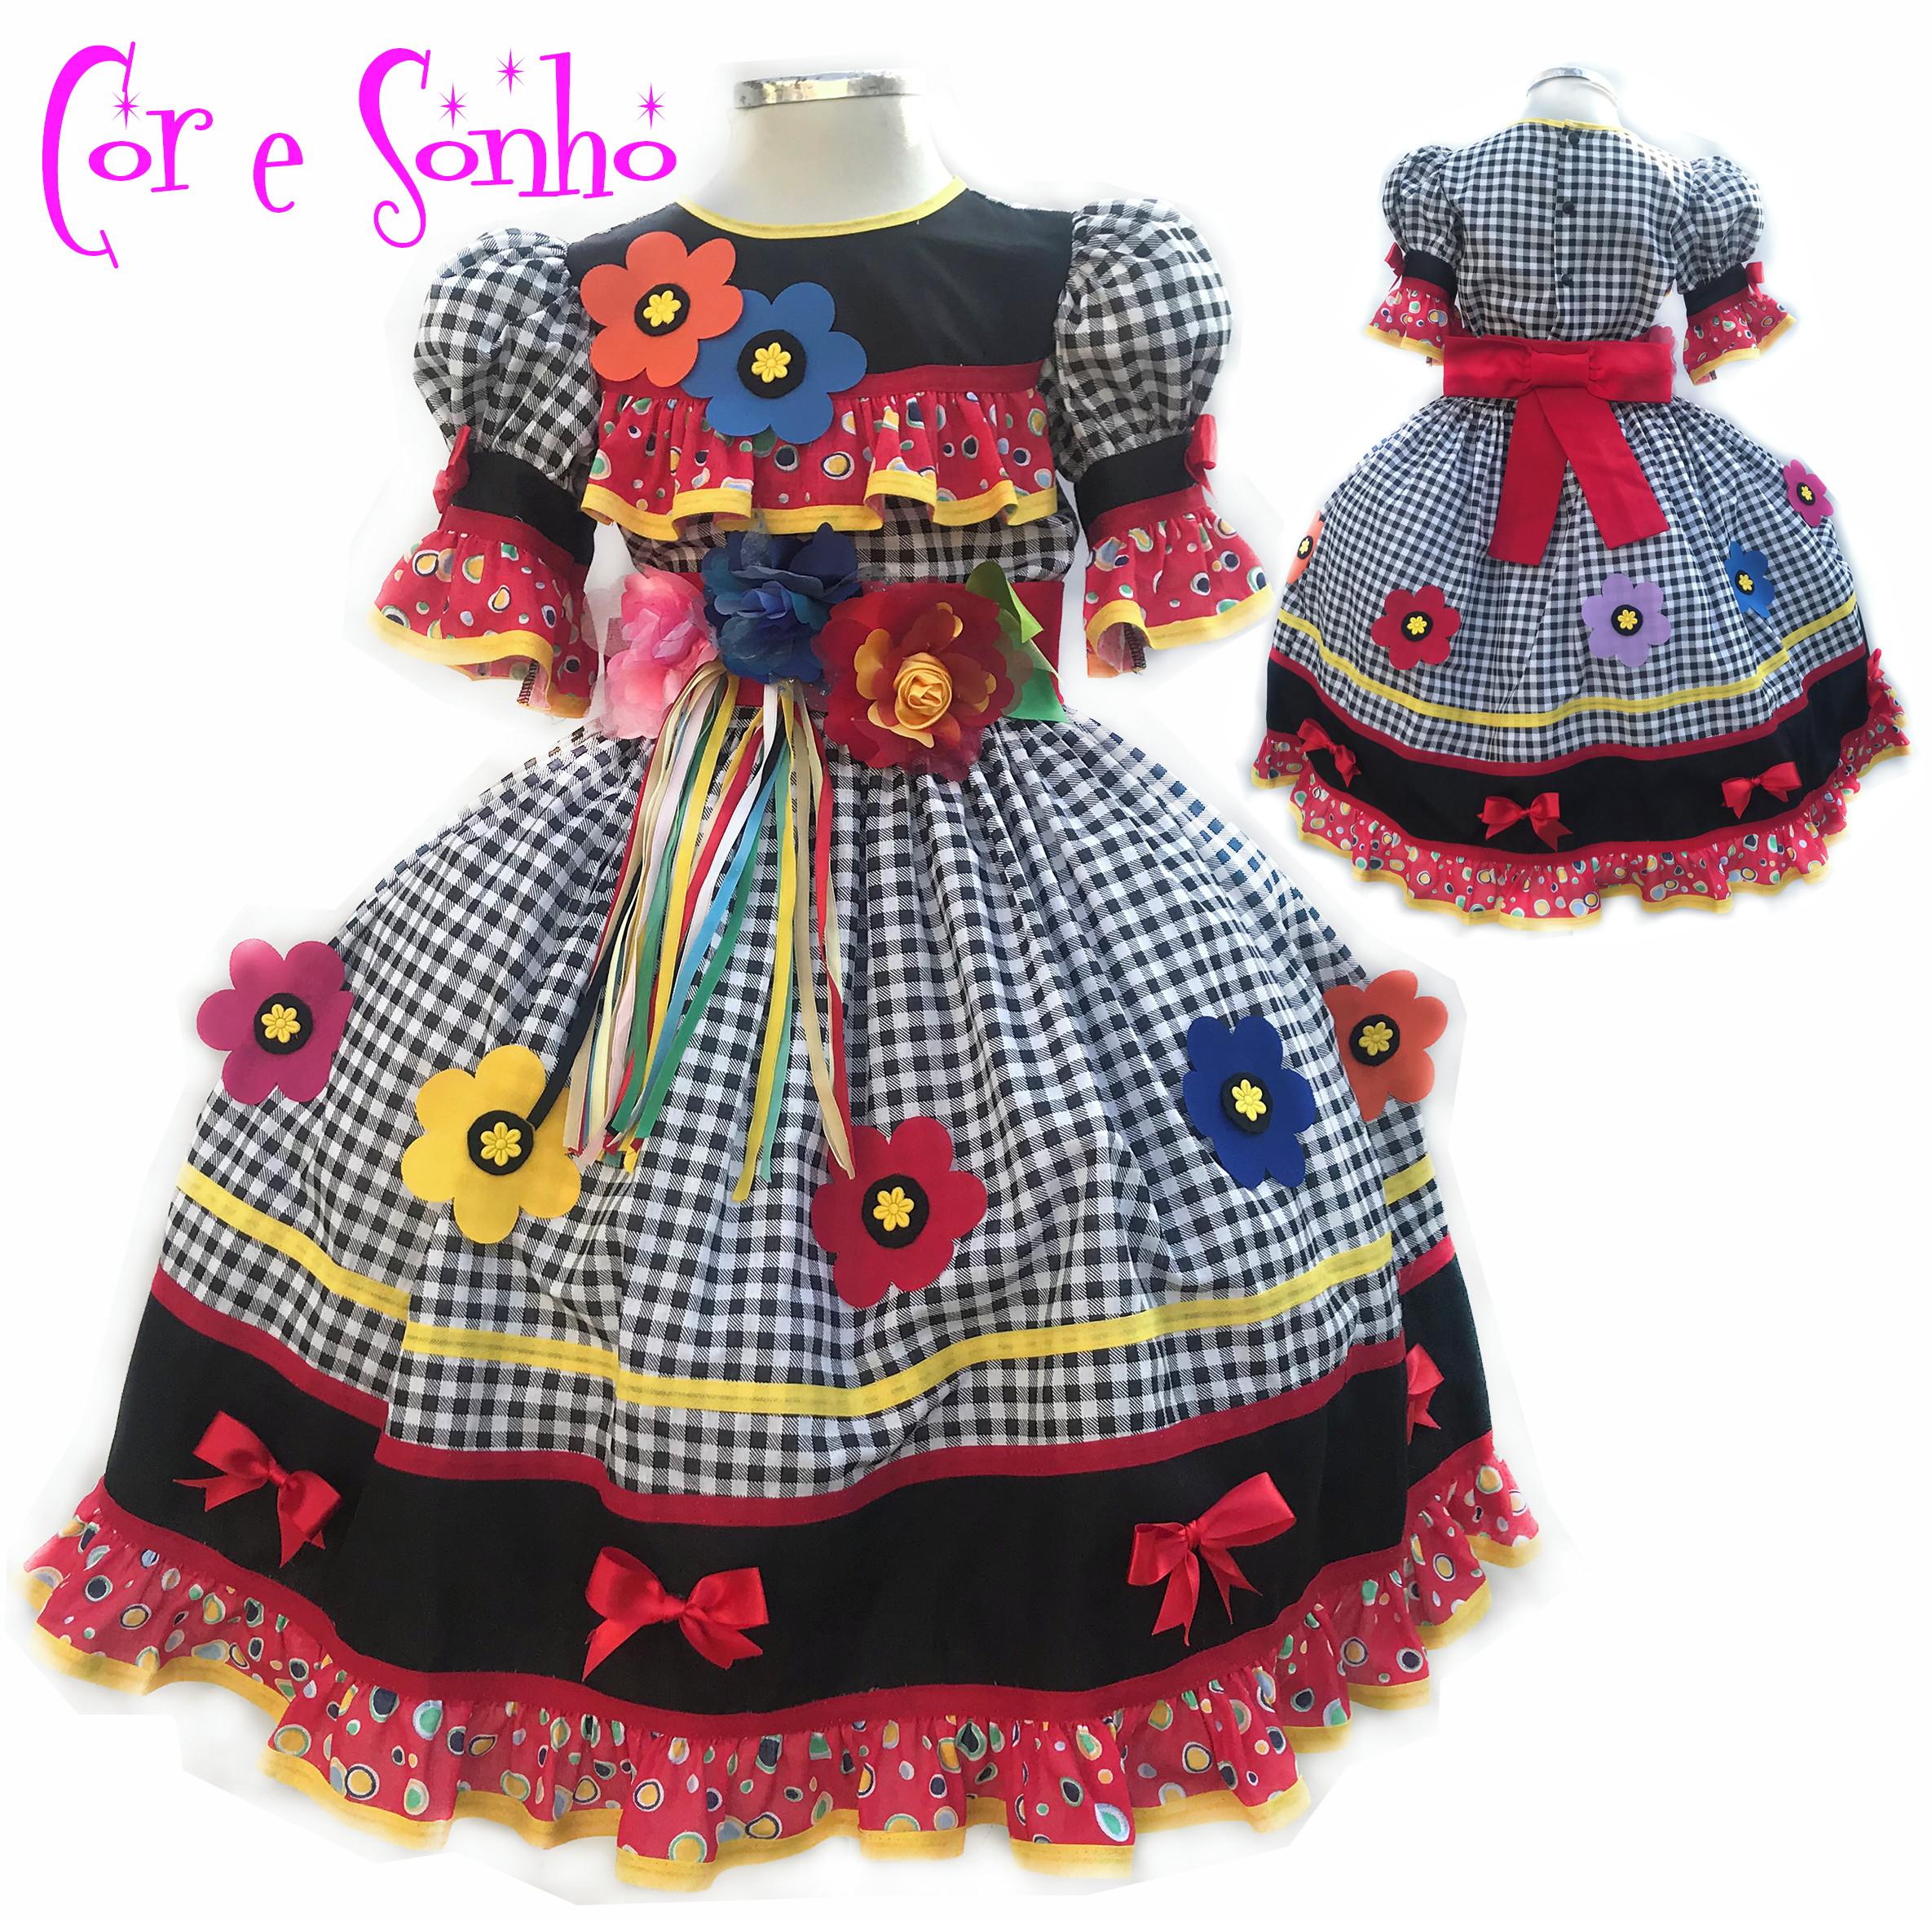 Vestido de Menina Quadrilha Festa Junina no Elo7  677b860a1b5